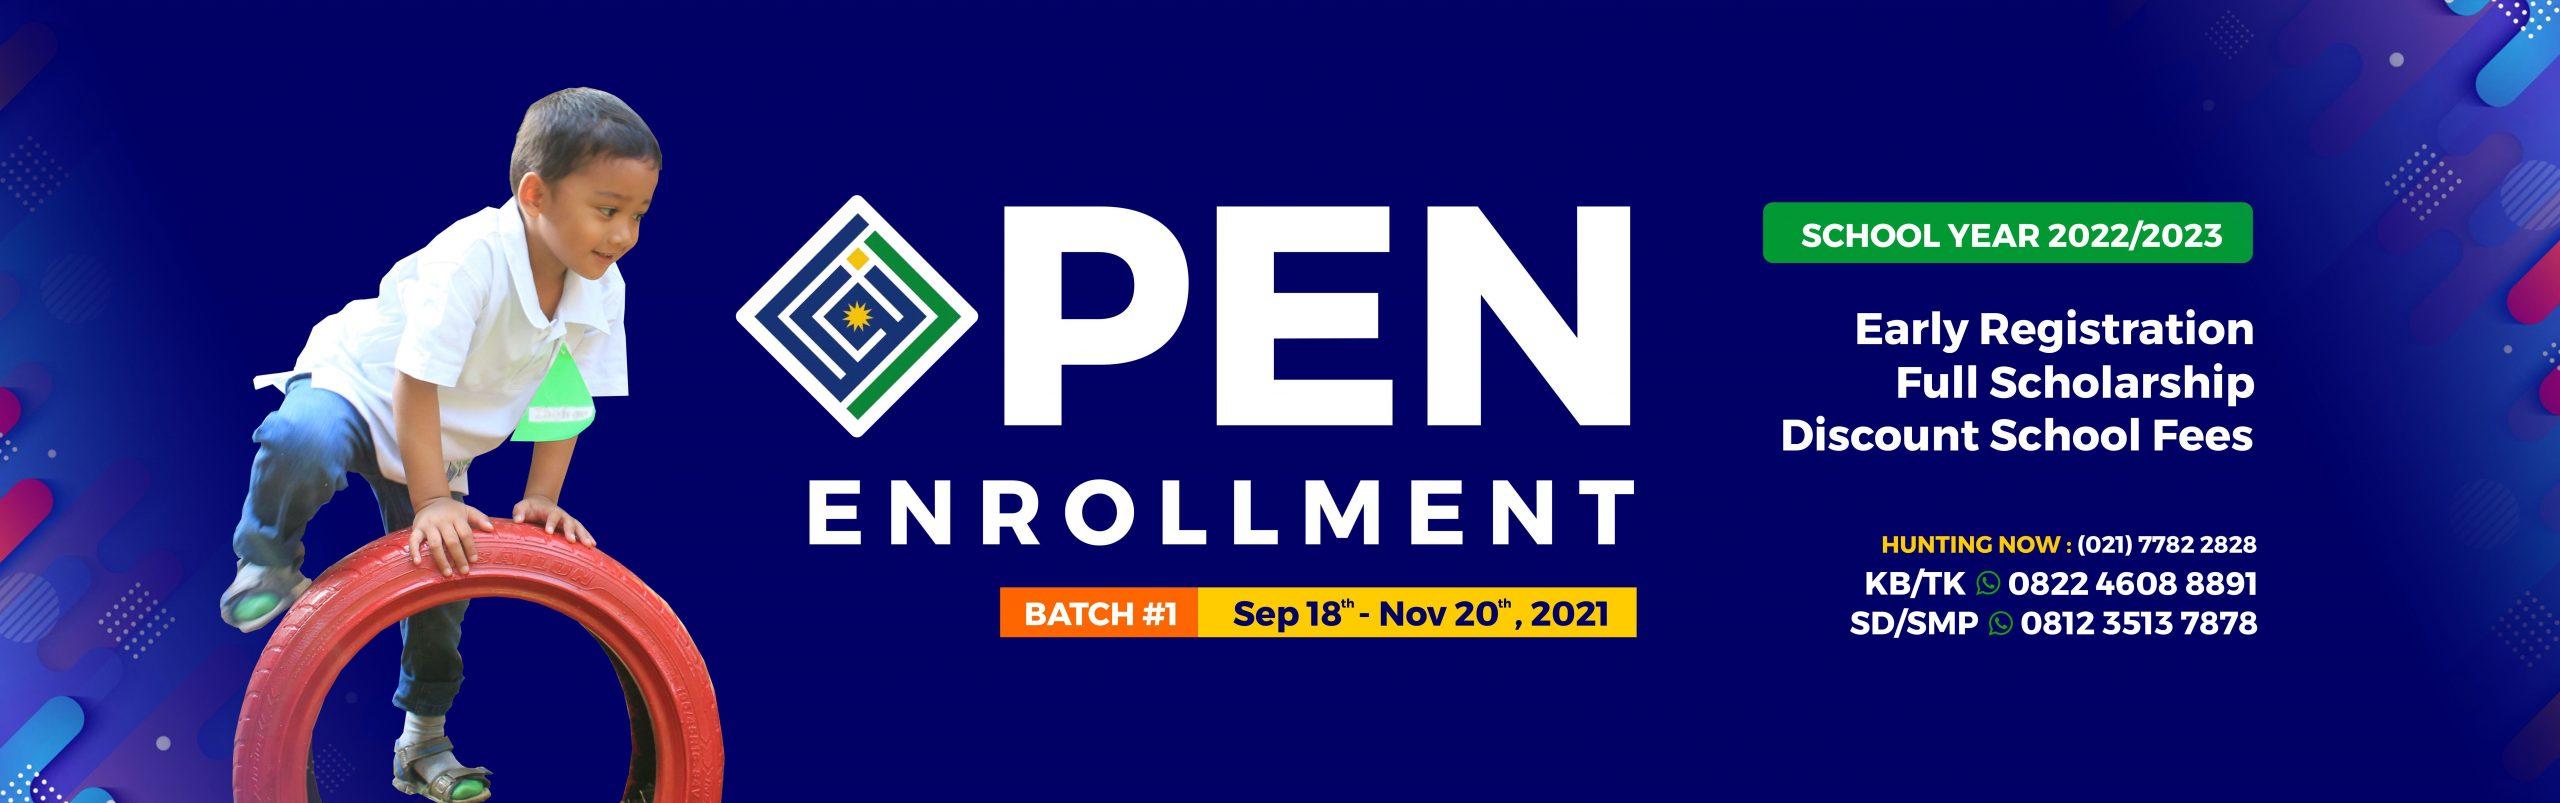 open enroll - website